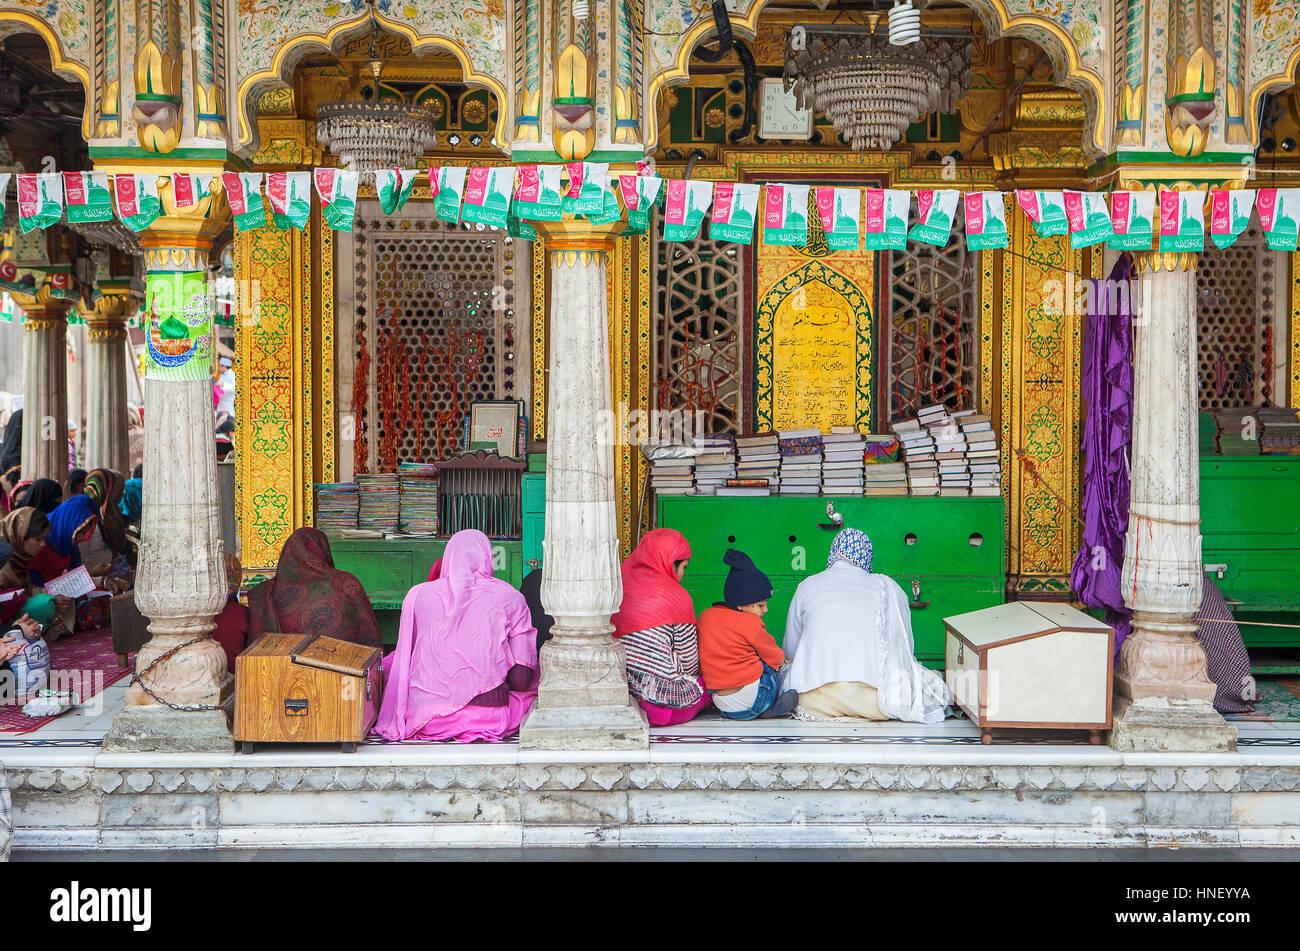 Praying, in Hazrat Nizamuddin Dargah, Delhi, India - Stock Image